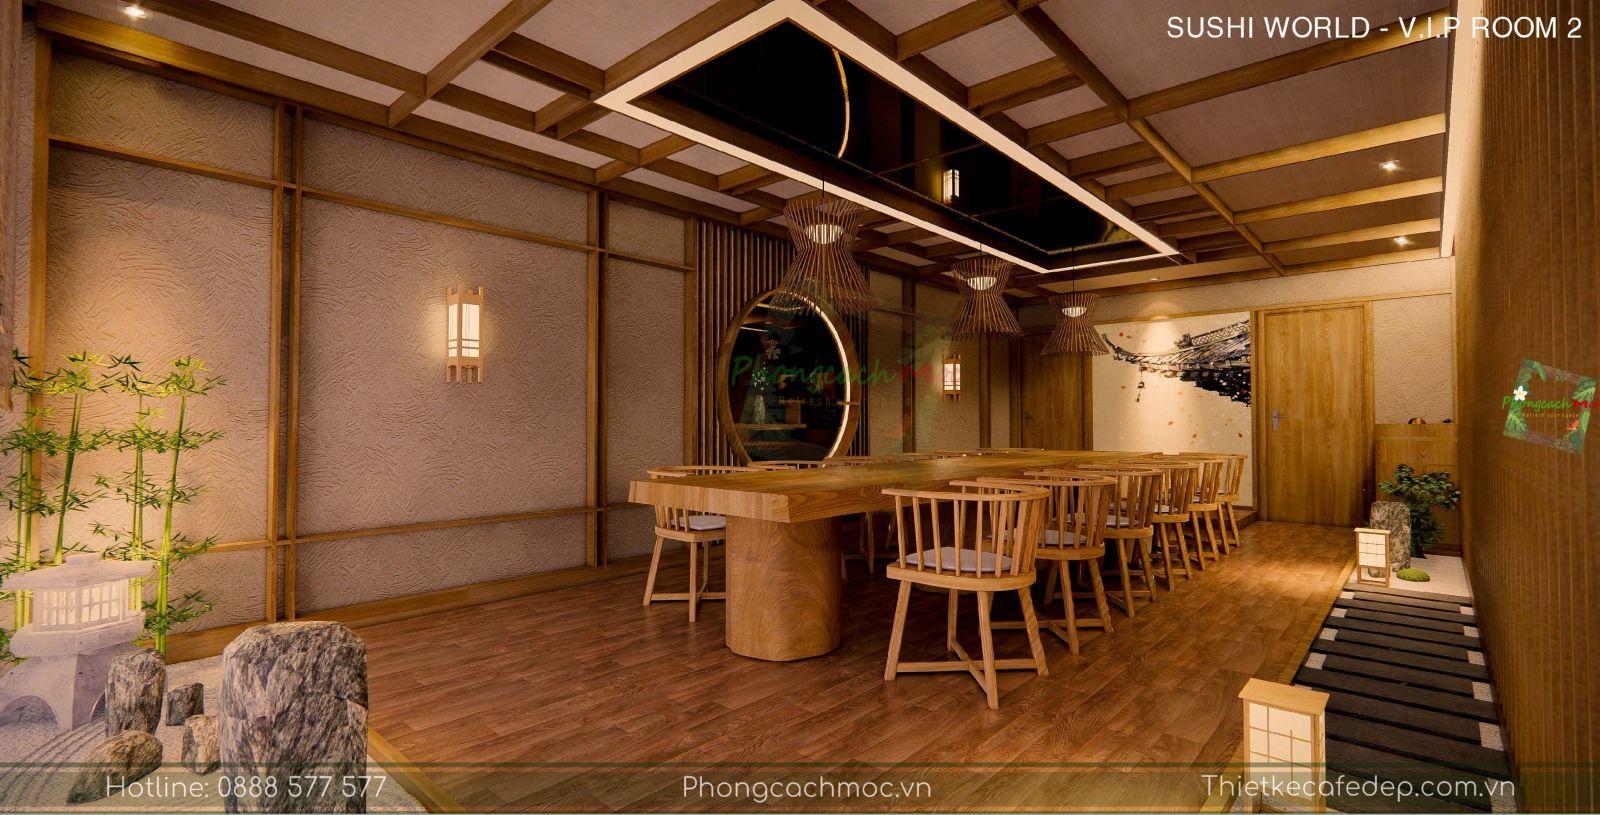 mau-thiet-ke-nha-hang-nhat-ban-hien-dai-sushi-world-viprooms-11